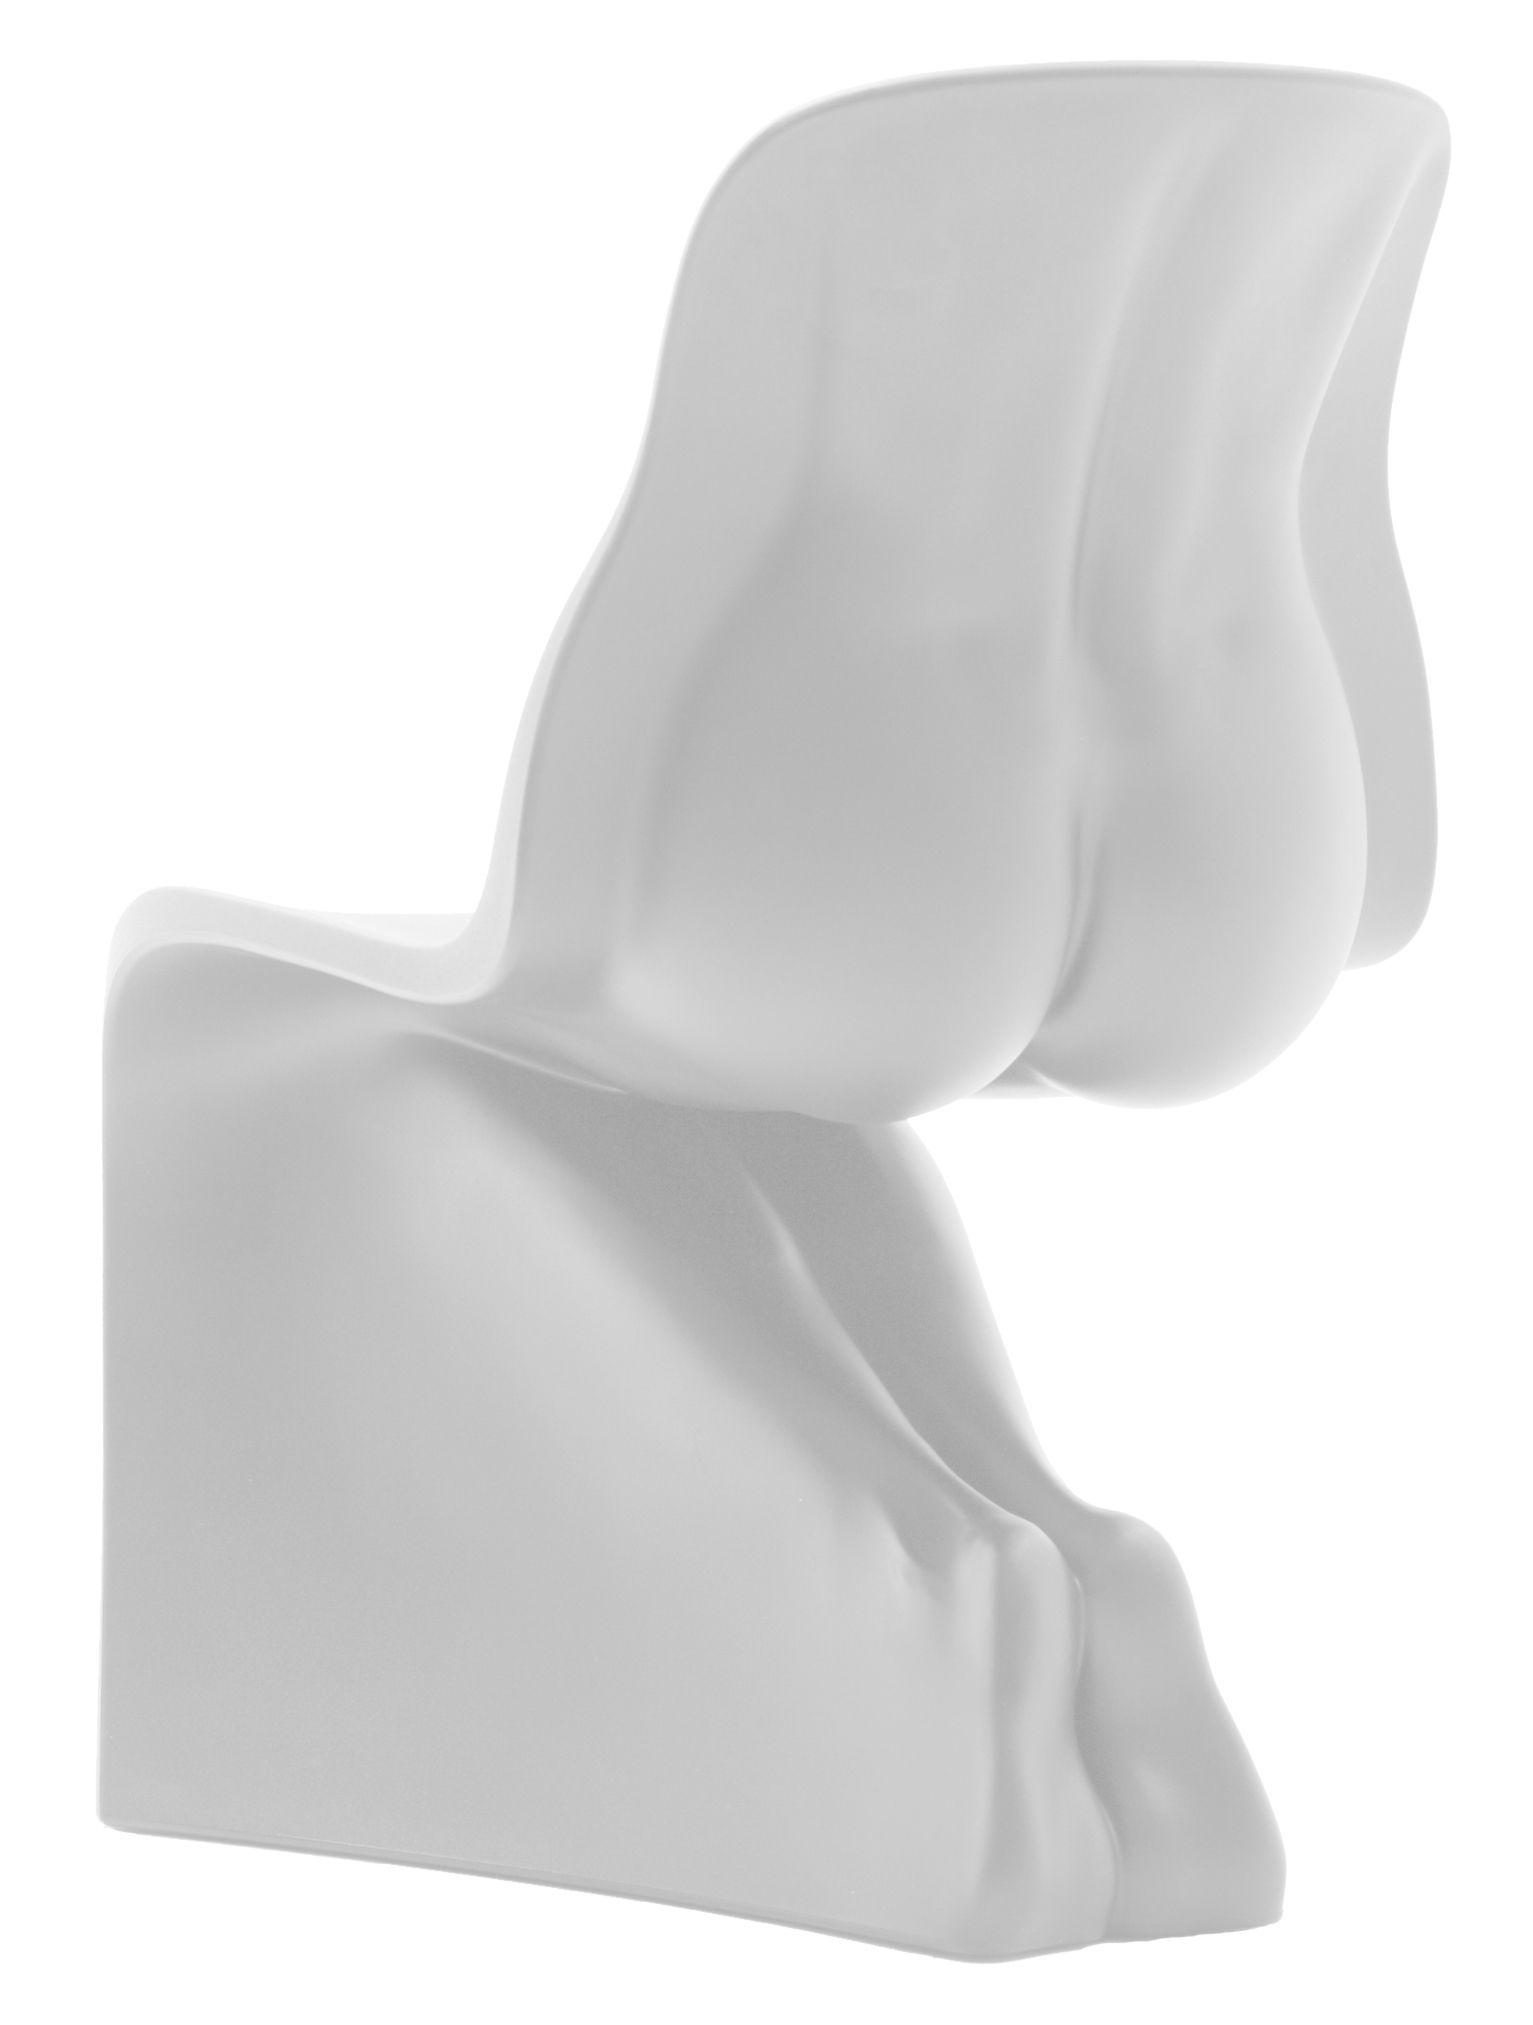 Η Λευκή καρέκλα της Casamania Fabio Novembre